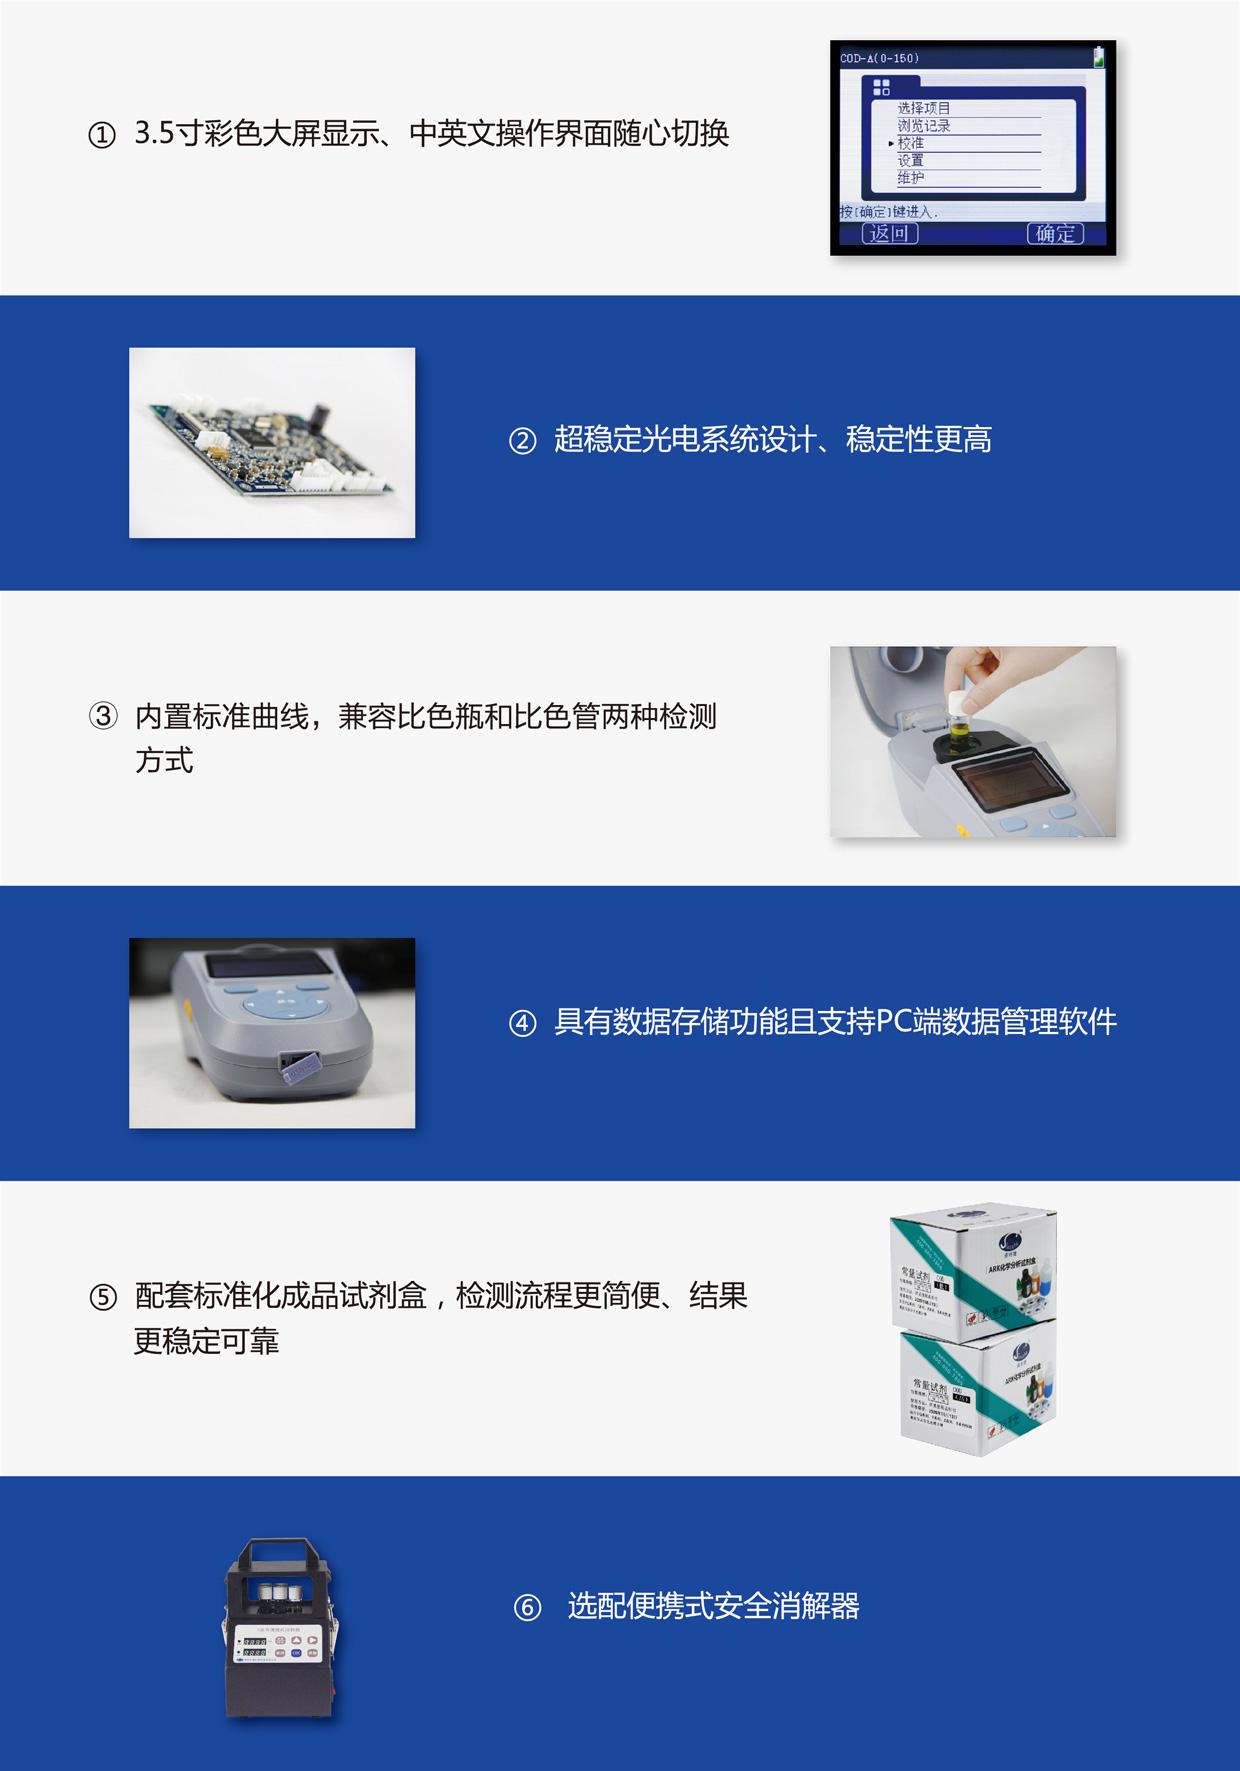 便携式COD排版-01-01.jpg